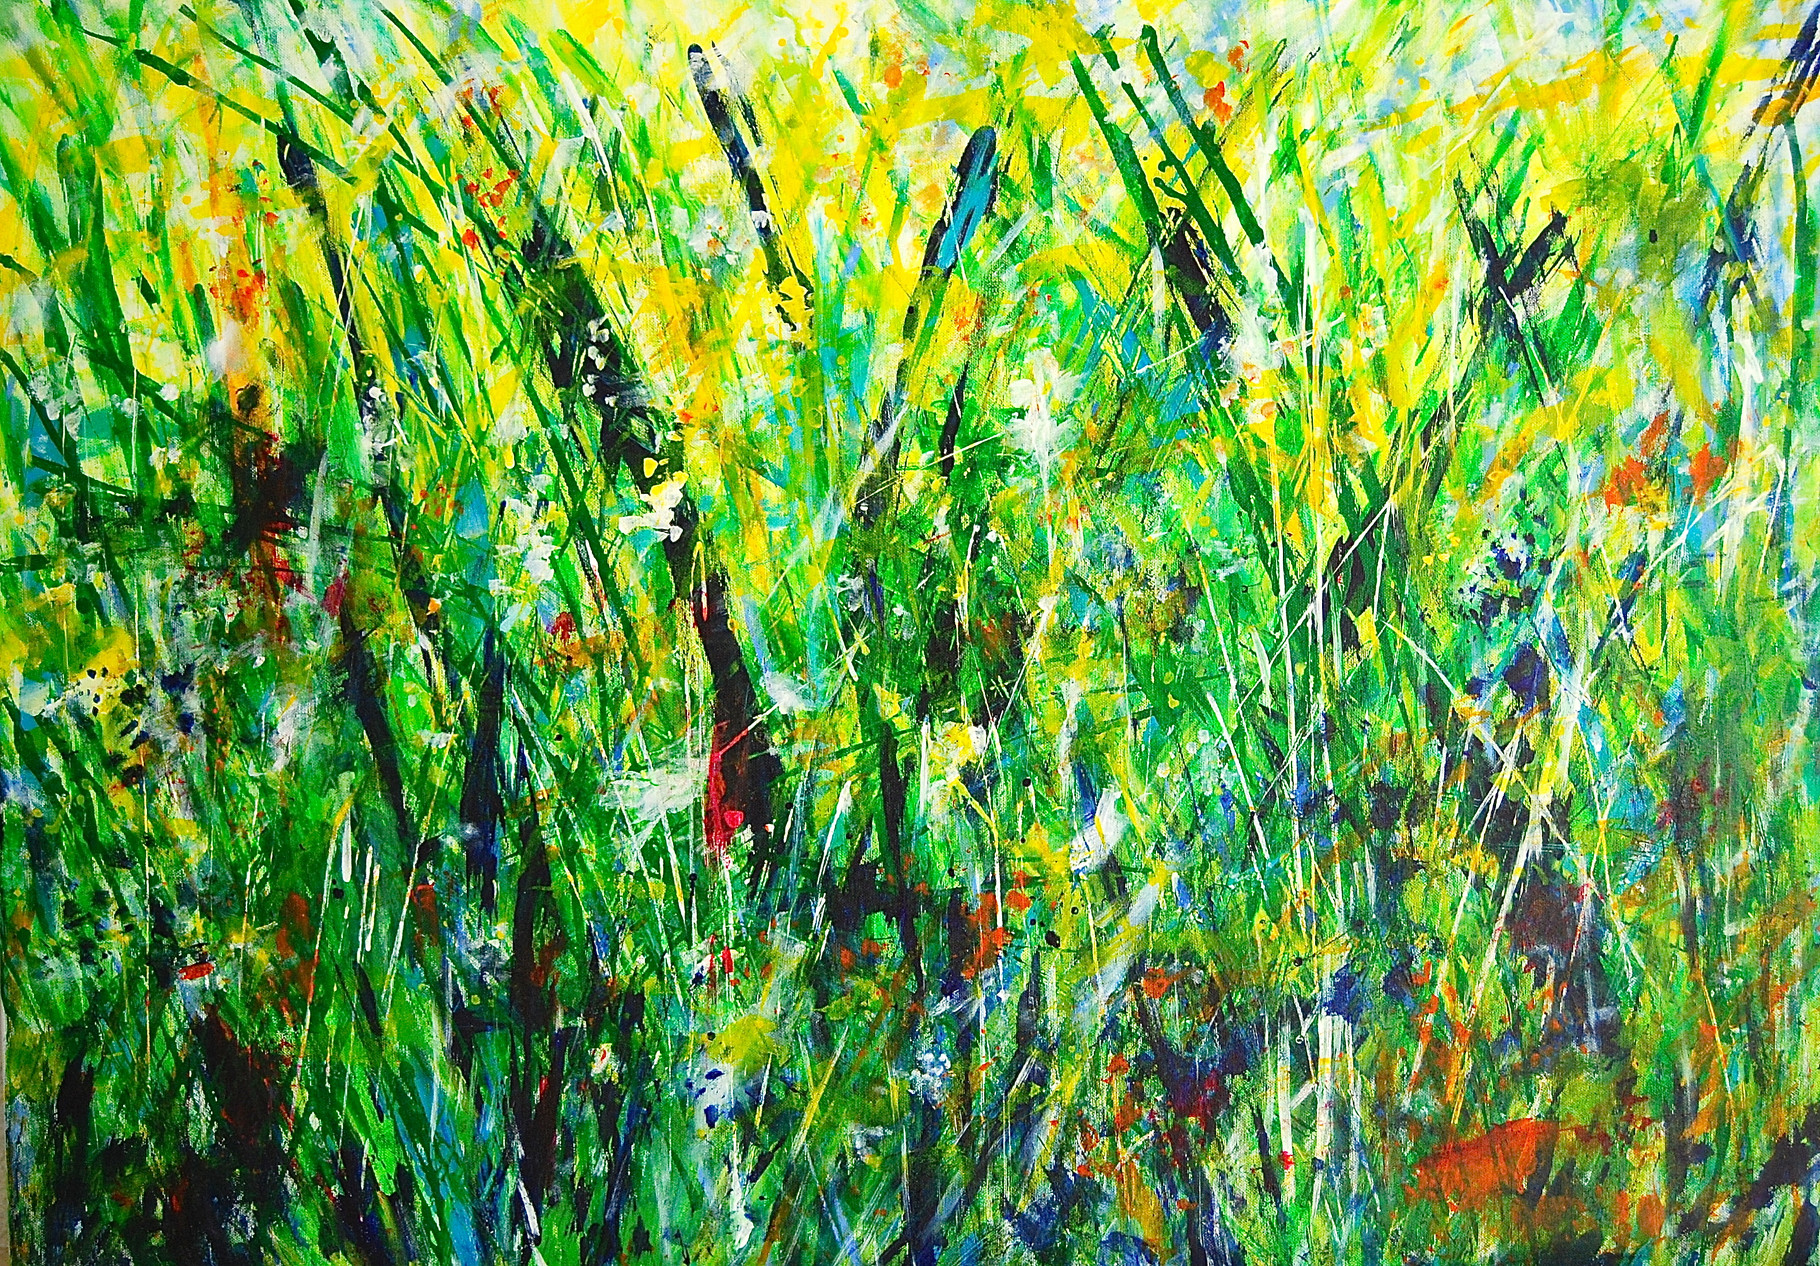 und nochmal Gräser, Acryl auf Leinwand, 70 x 100 cm, 2014